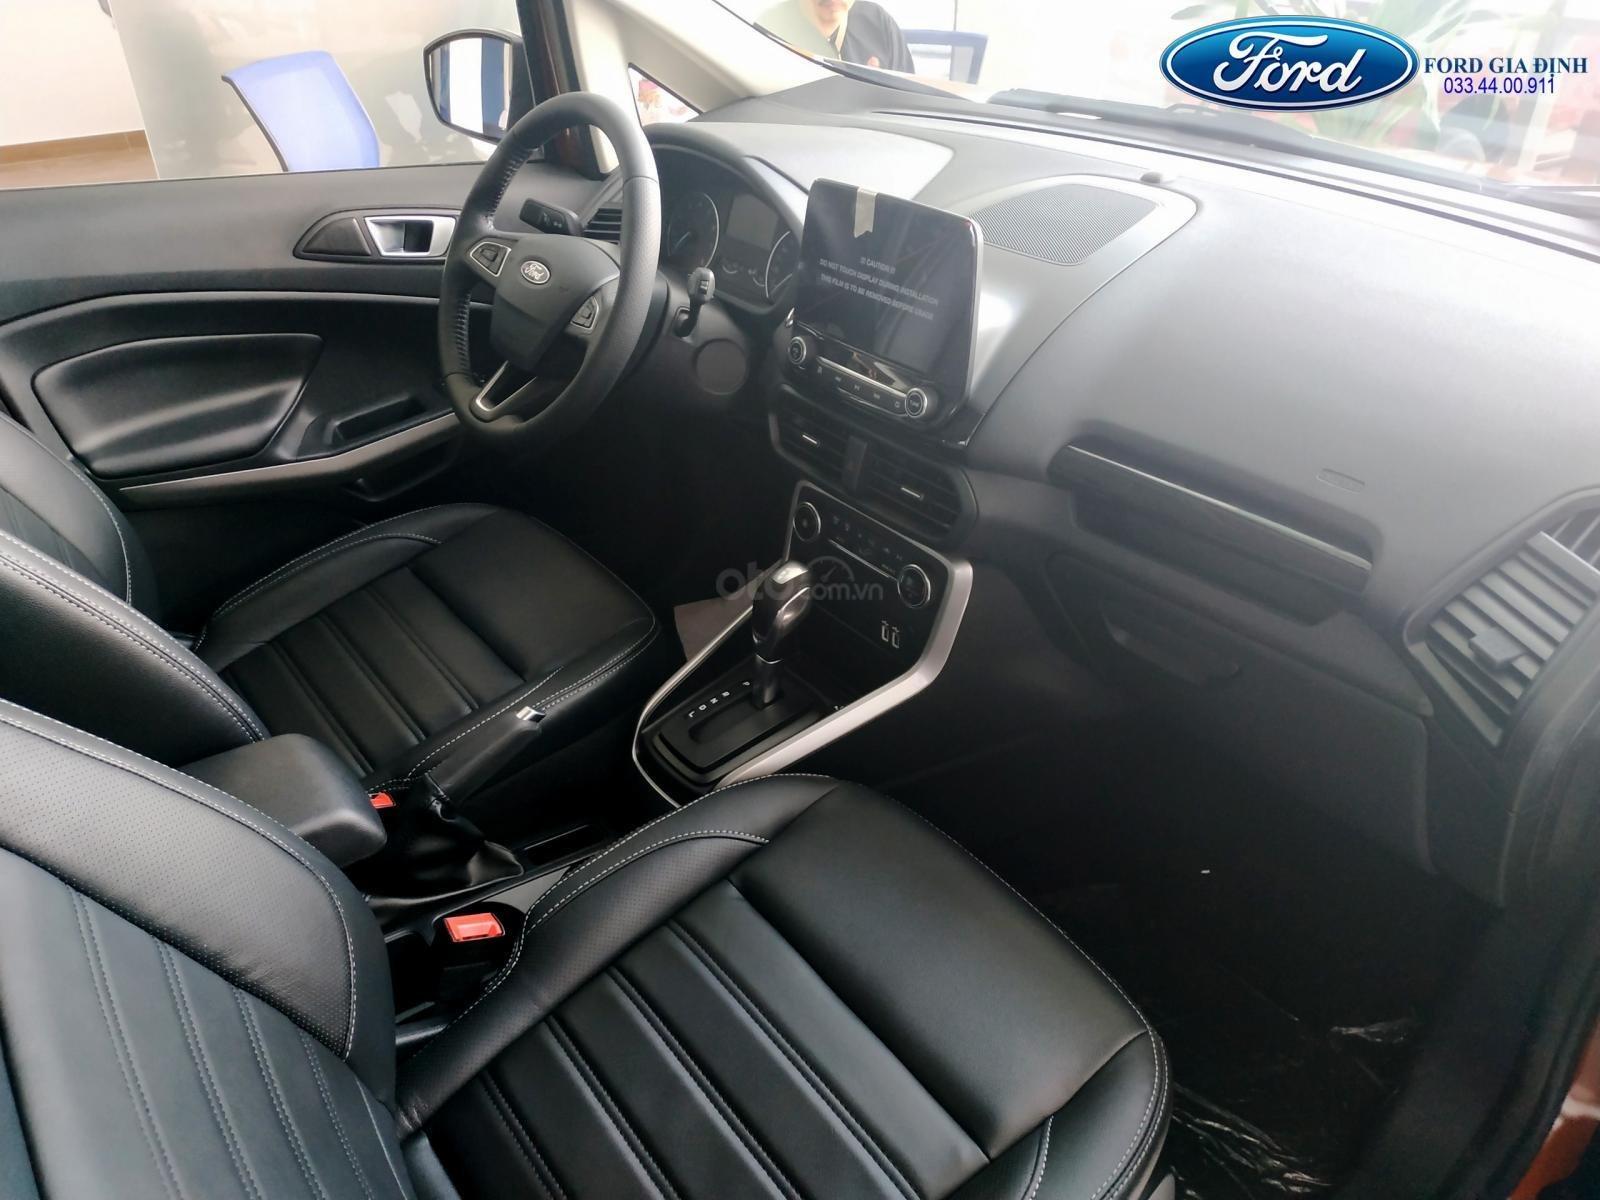 Ecosport Titan 1.5 xe đẹp, giá cực đẹp (4)